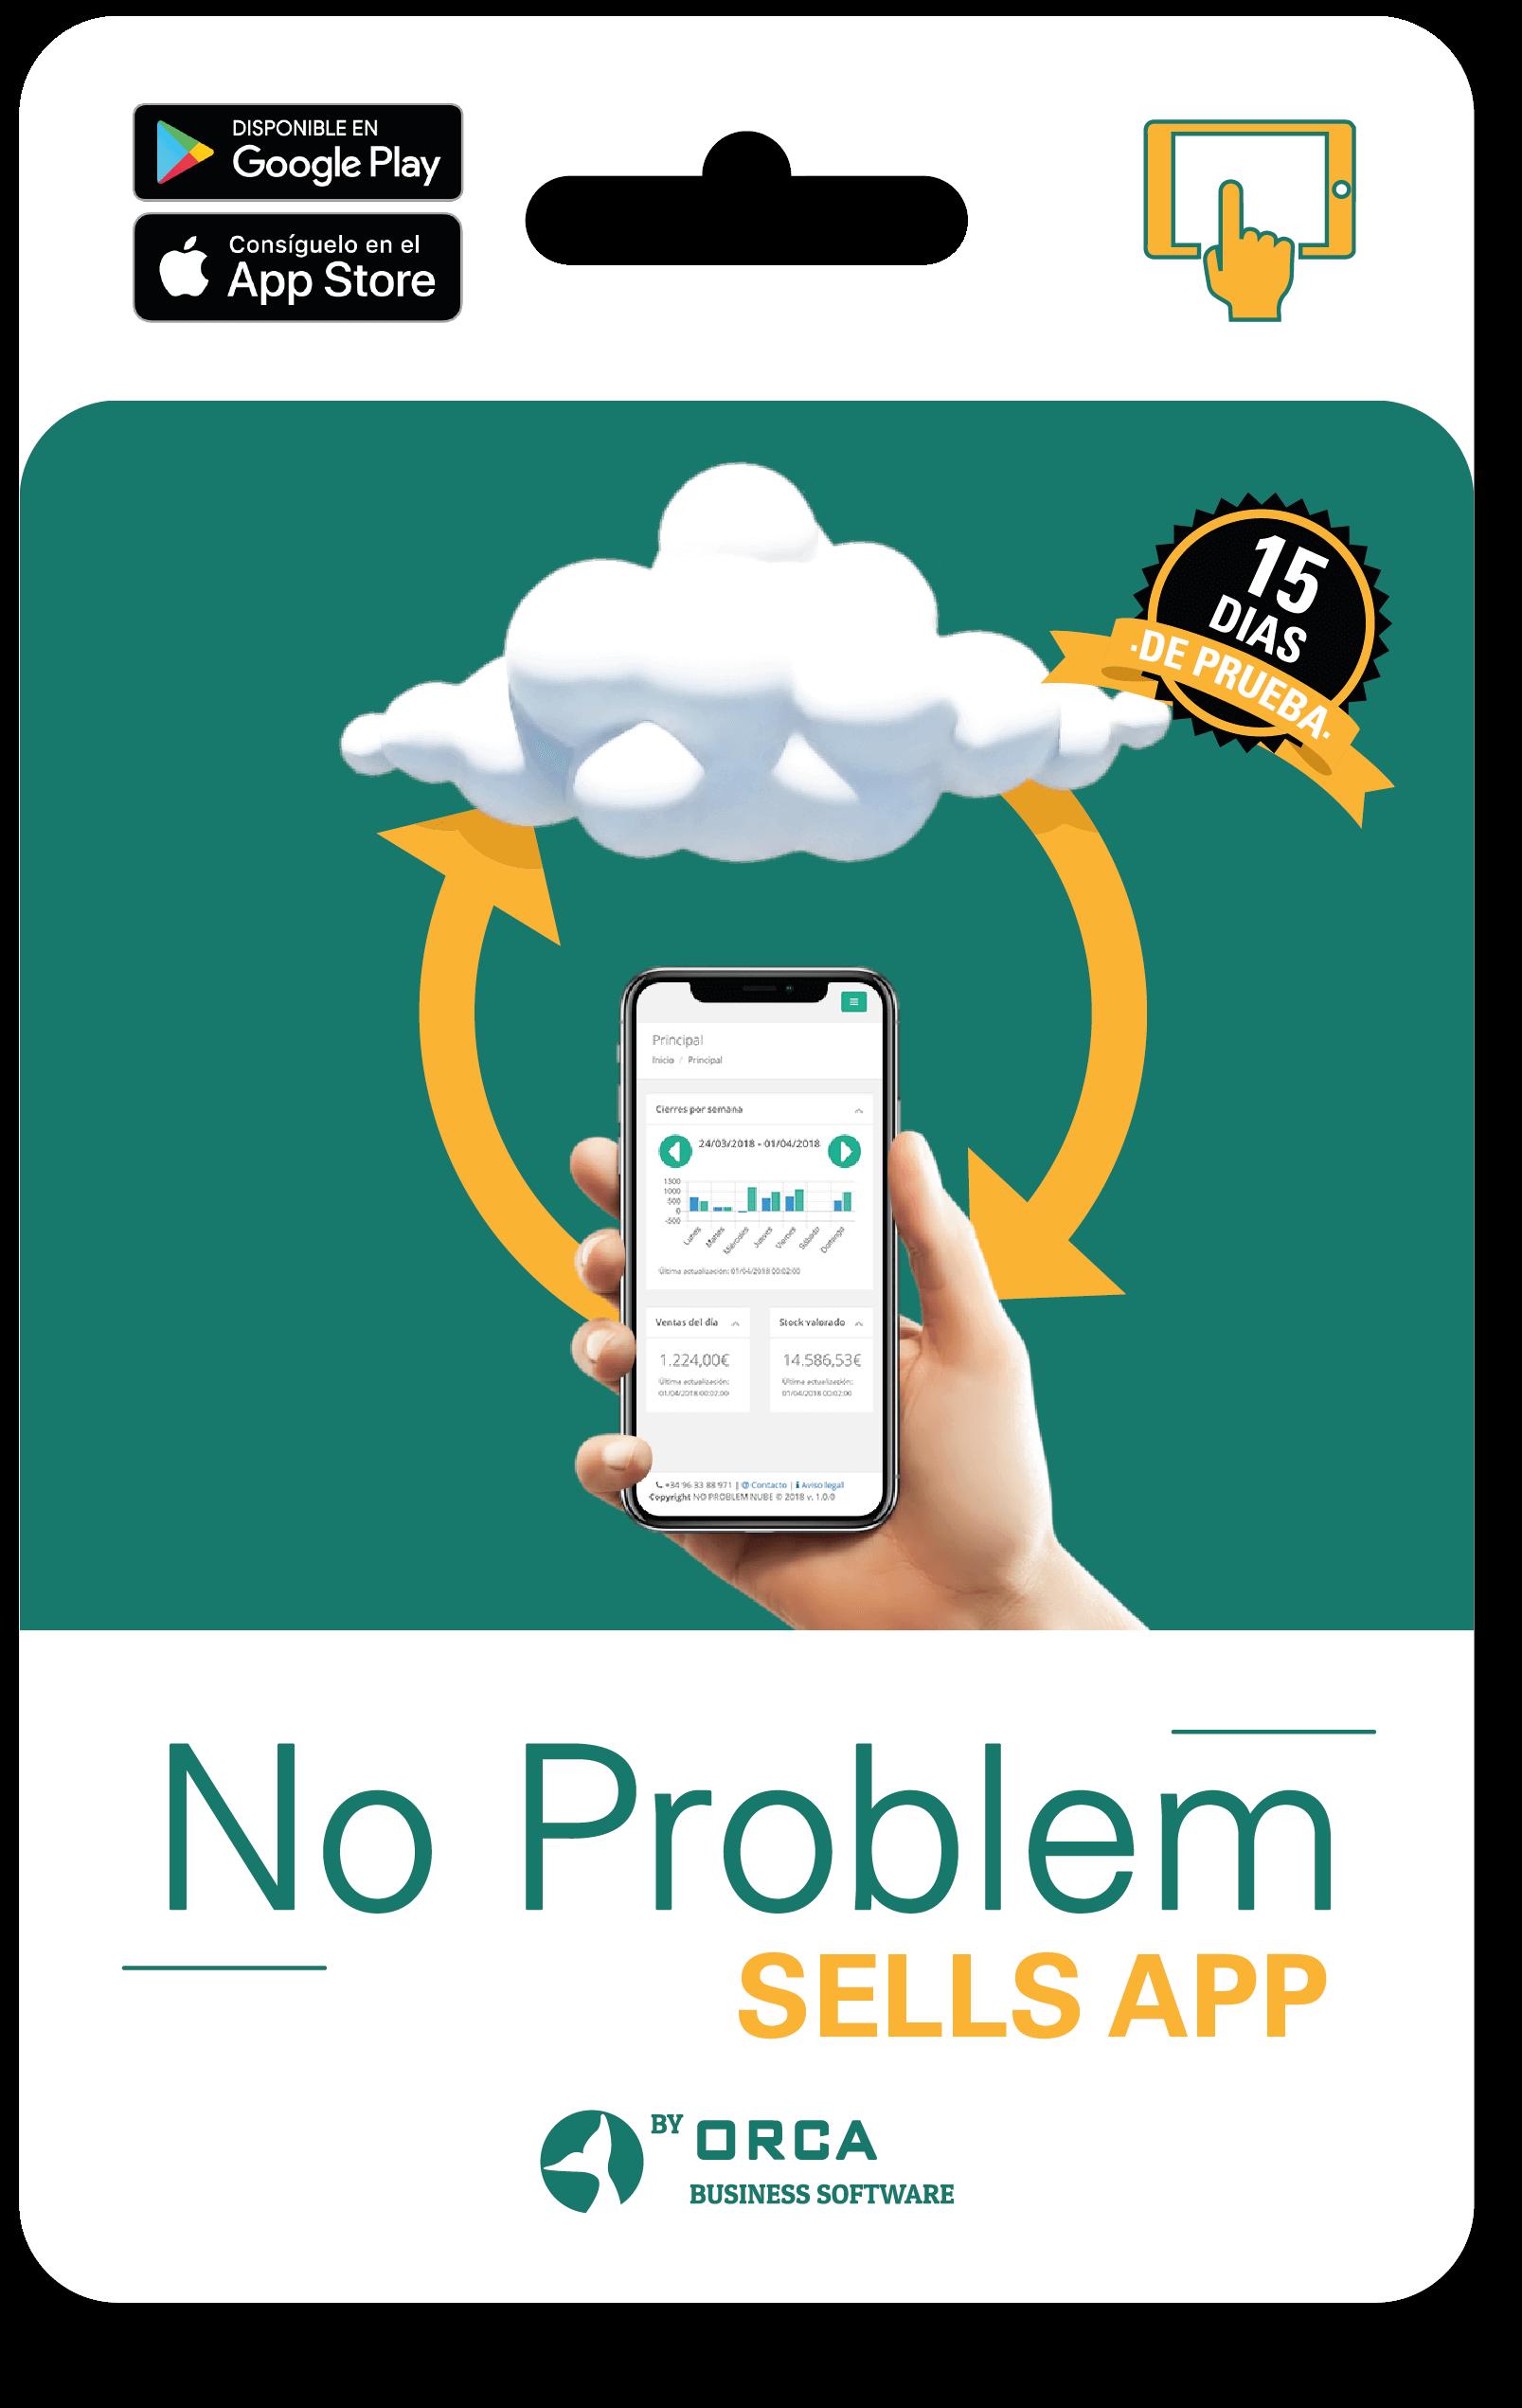 Blister Sells app